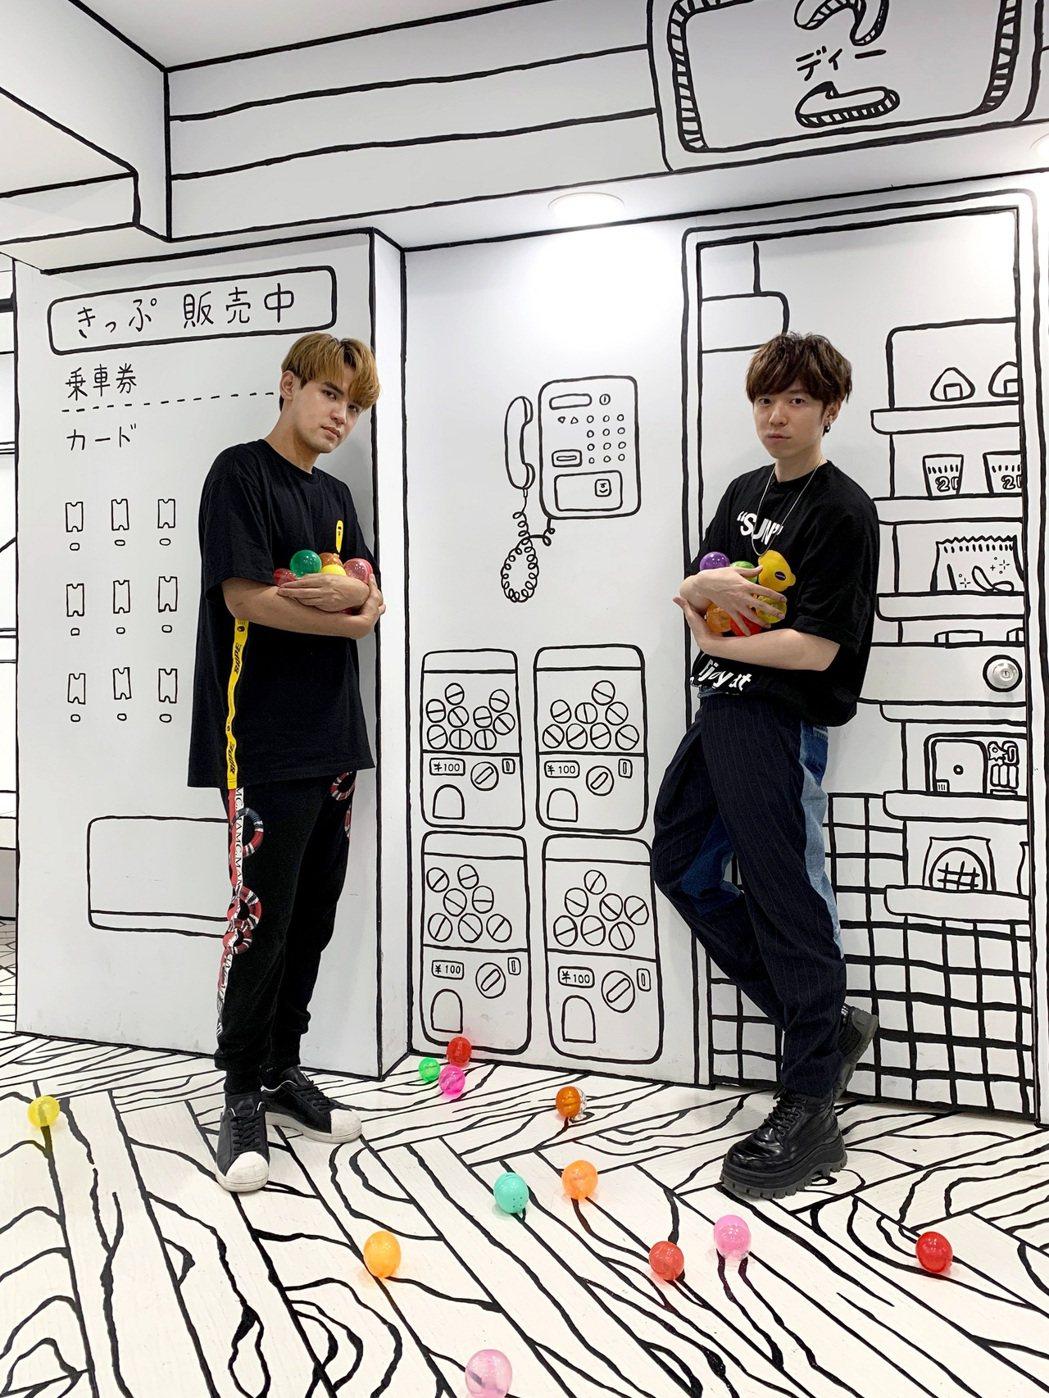 GJ蔣卓嘉(右)與陳零九對決玩遊戲。圖/索尼音樂提供